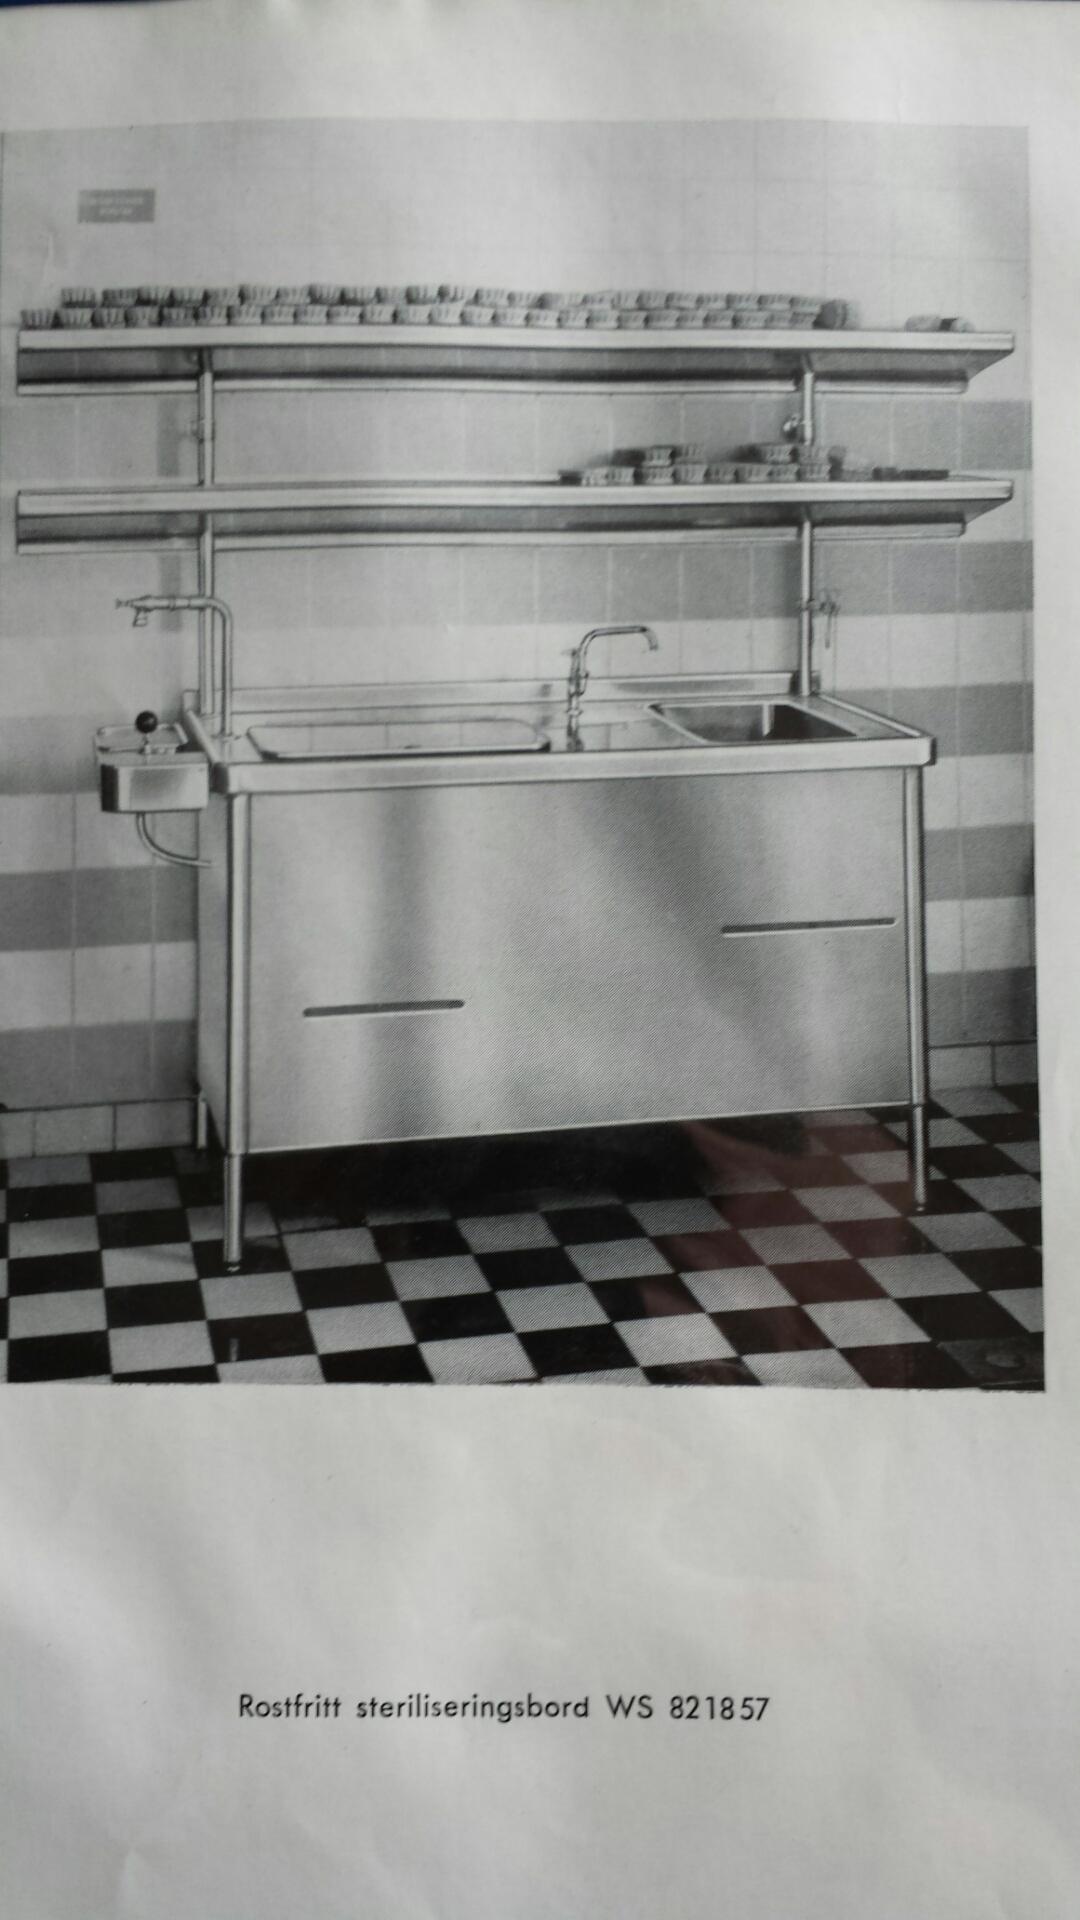 LA Rostfria katalogbild 1957